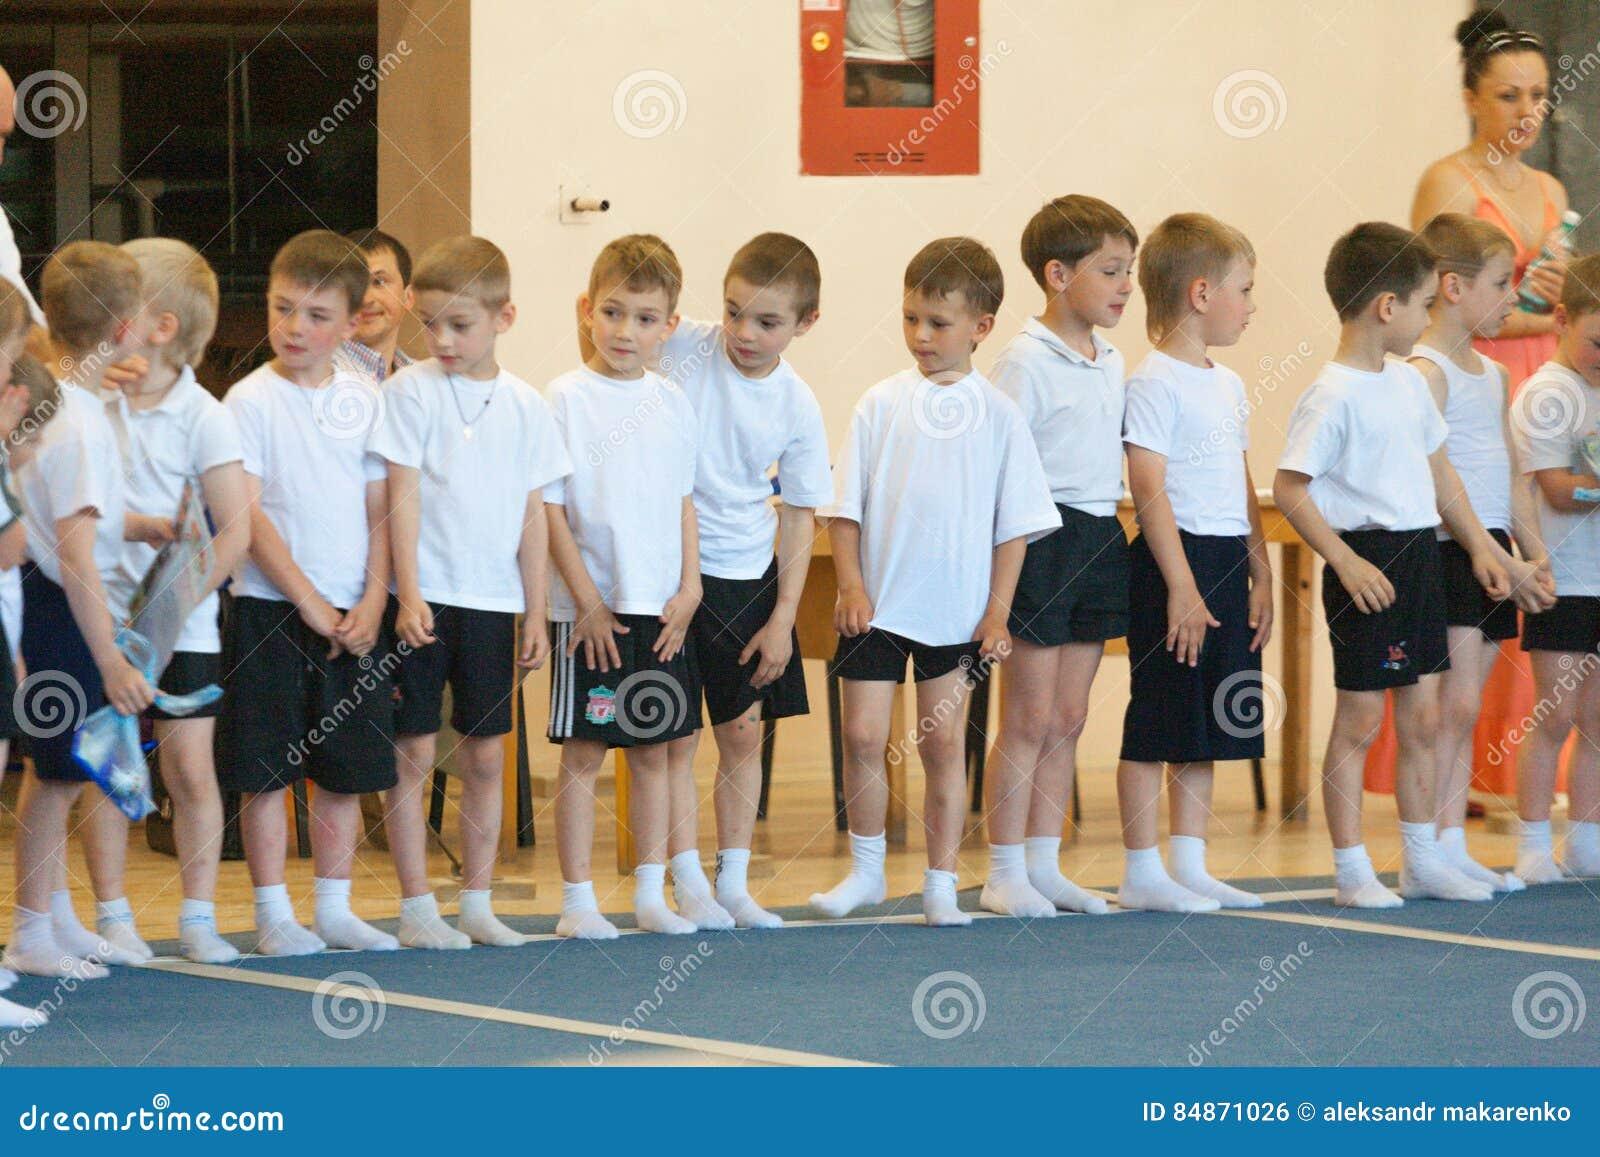 Gomel, Bielorrusia - 21 de mayo de 2012: La competencia entre los muchachos en 2006-2007 en gimnasia Disciplina - entrenamiento f